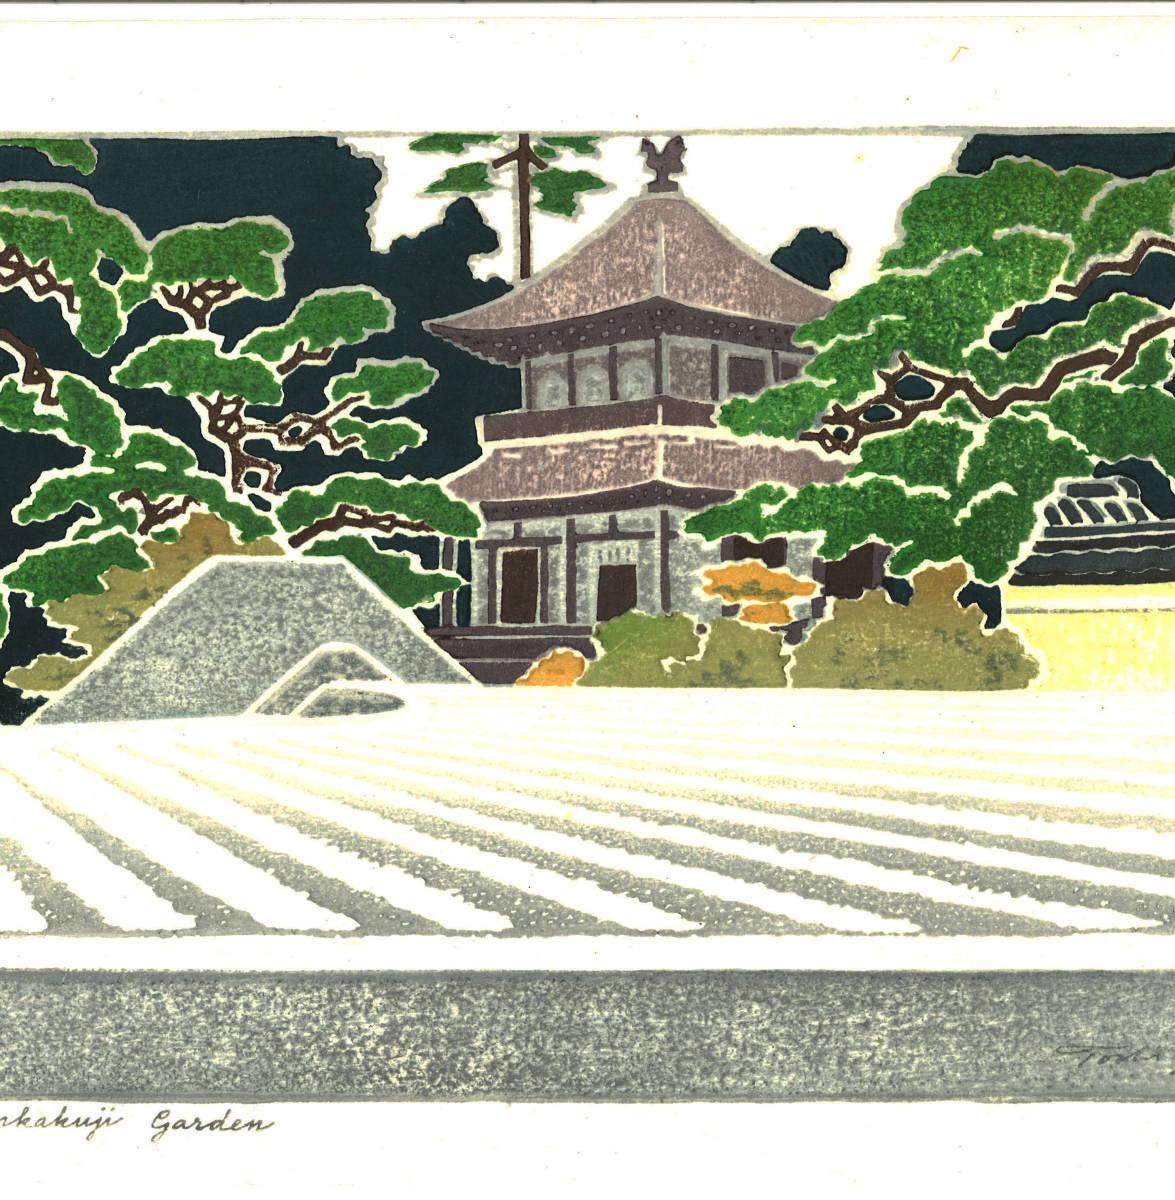 吉田遠志 木版画   016302 銀閣寺の庭  (Ginkakuji Garden)   初摺1963年  最高峰の摺師の技をご堪能下さい!!_画像3